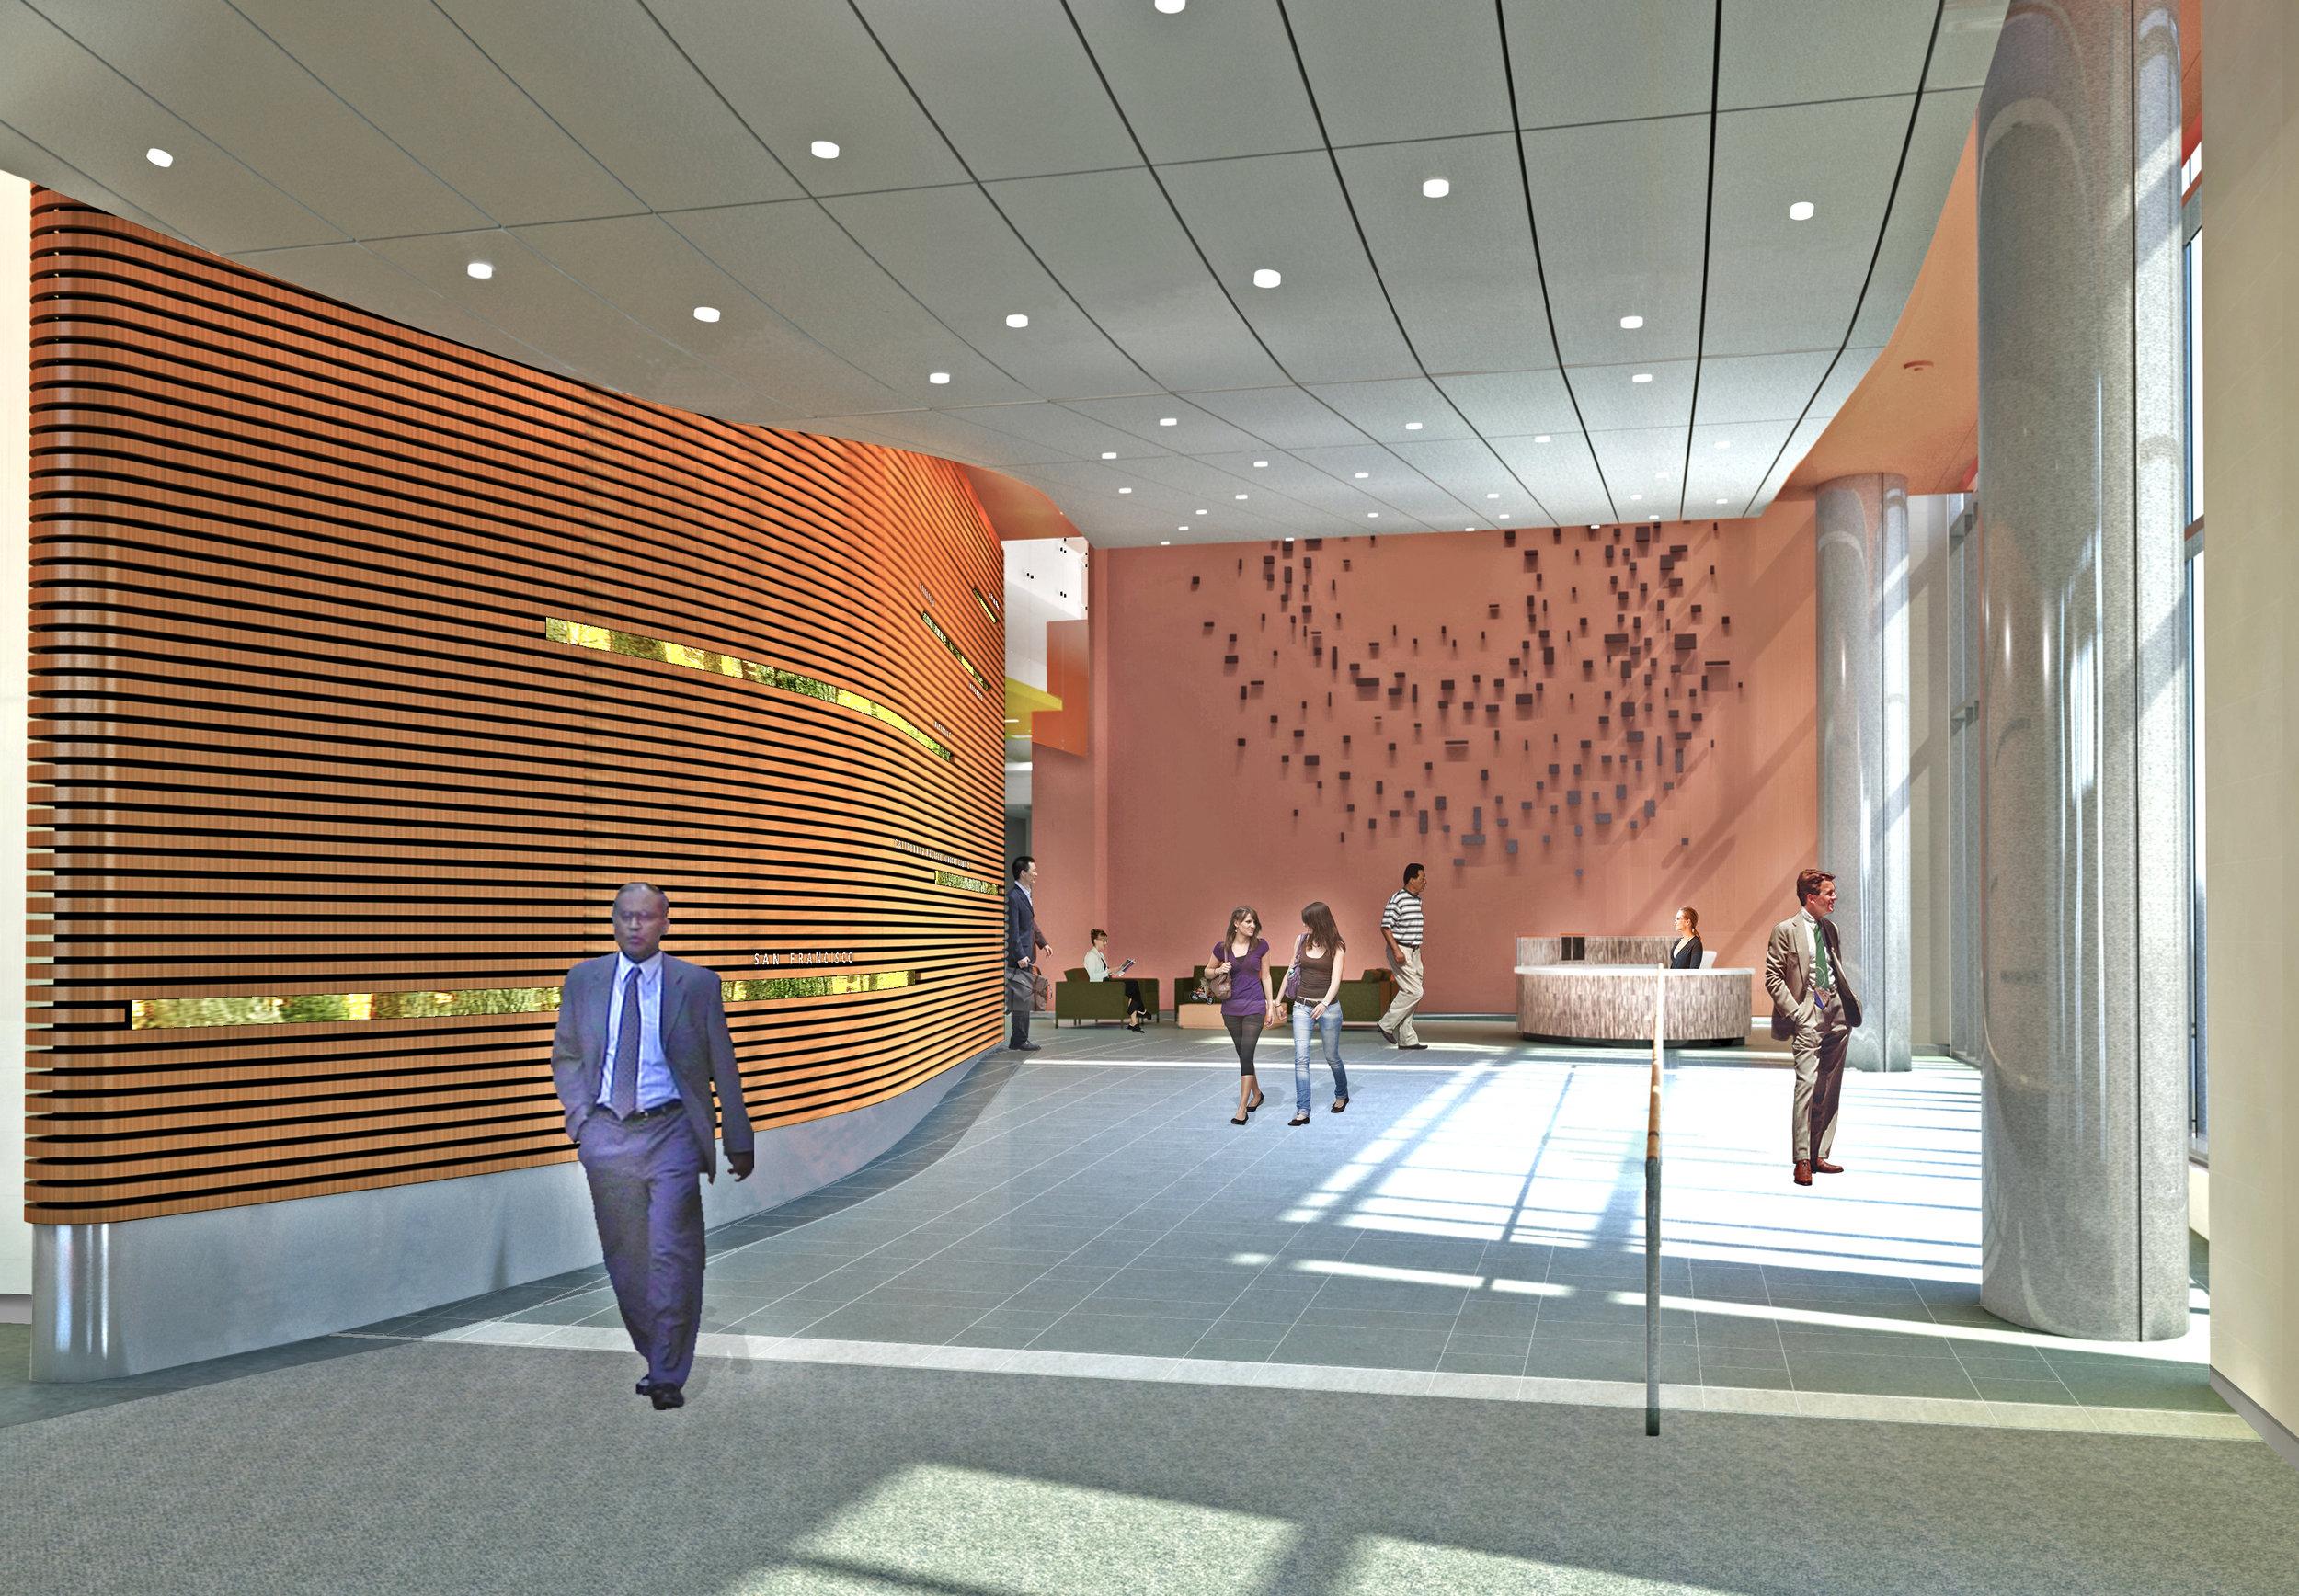 rendering_BA_van ness lobby.jpg